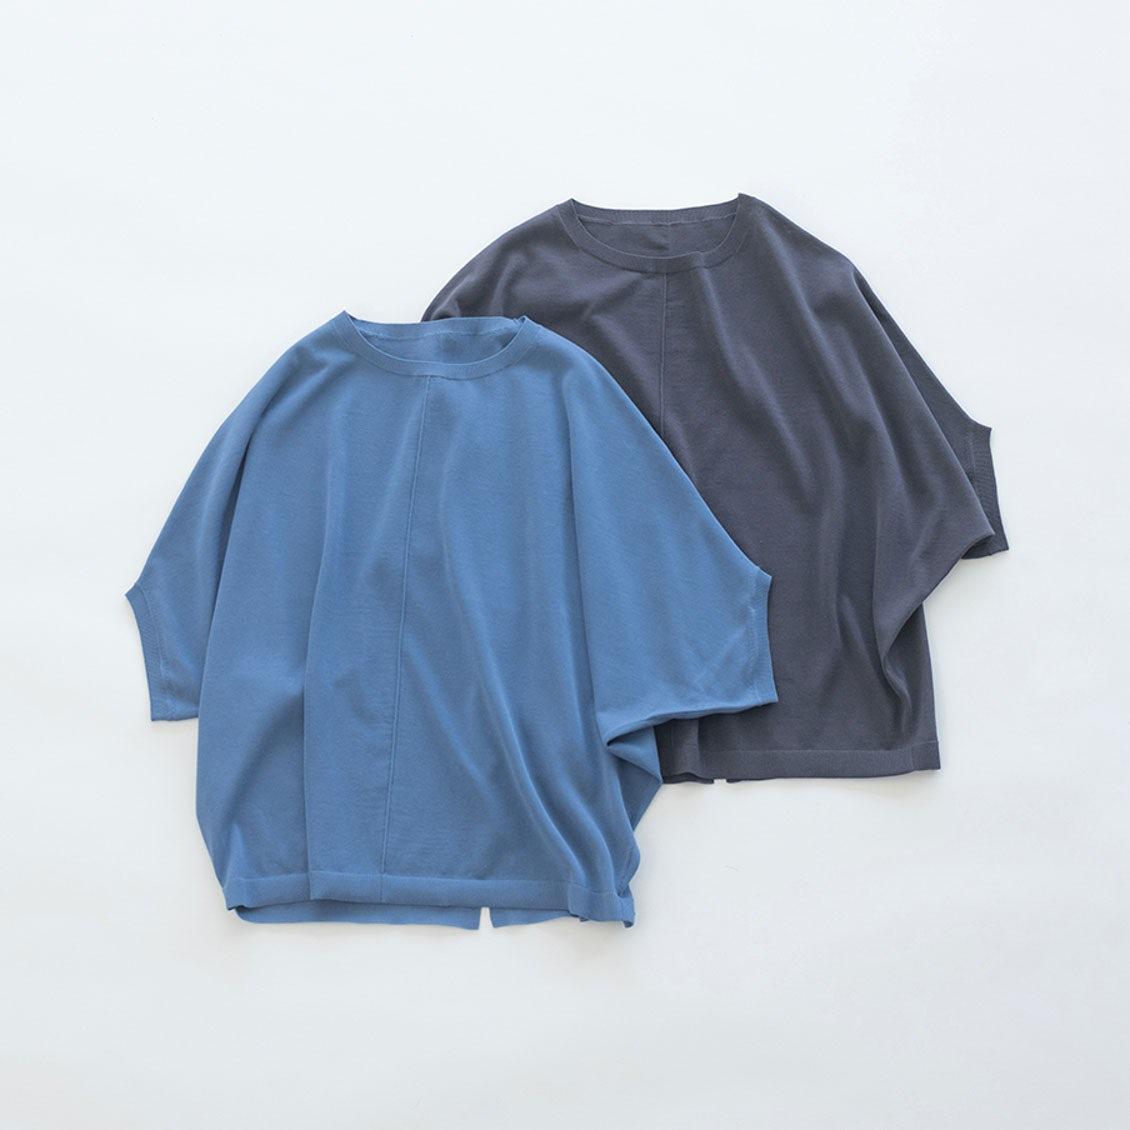 【着用レビュー】本日発売の「サマーニット」を、スタッフ2名に着てもらいました!